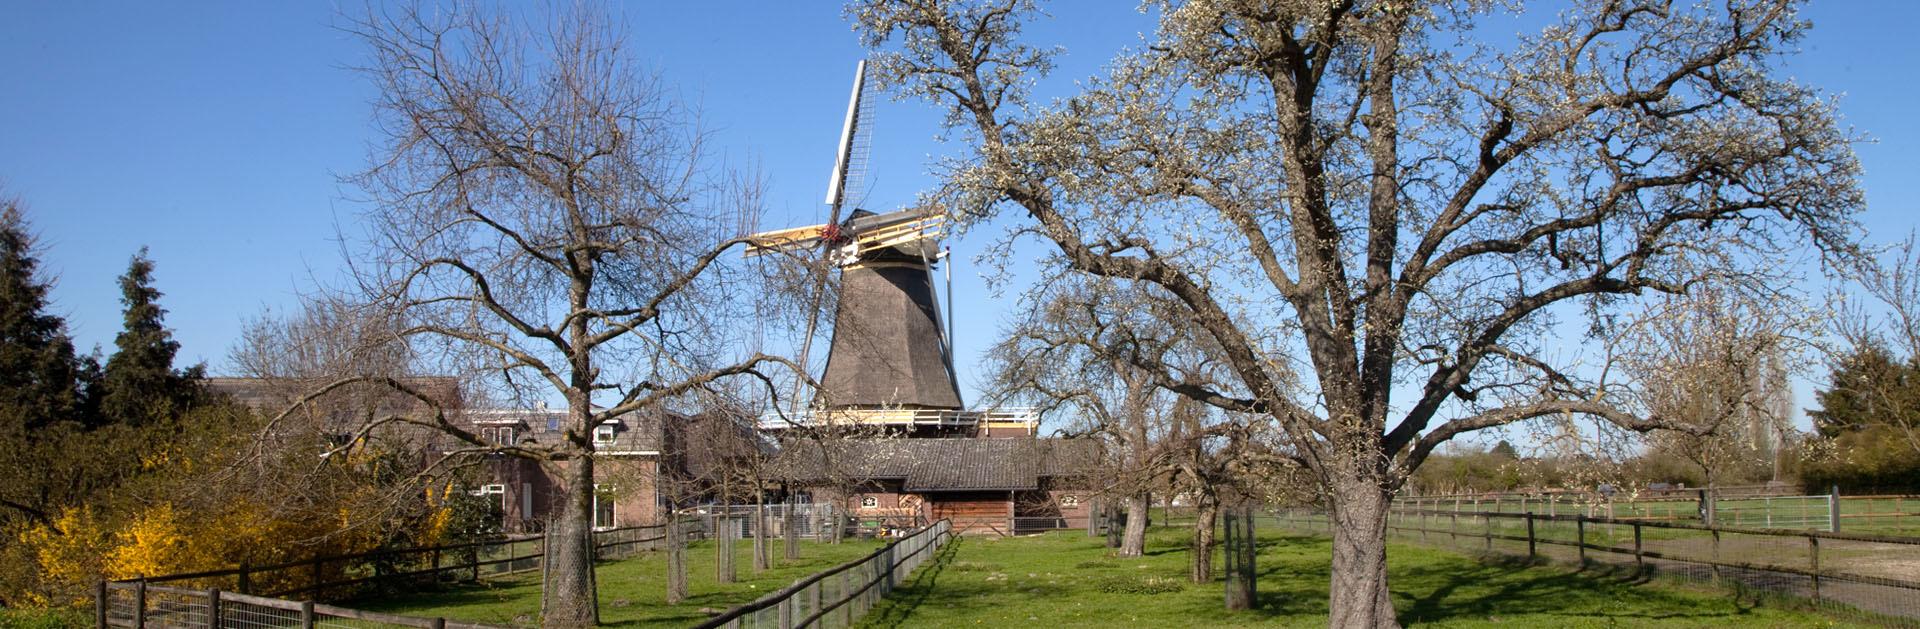 Molen de Hoop - Oud Zevenaar Regio Achterhoek - Liemers